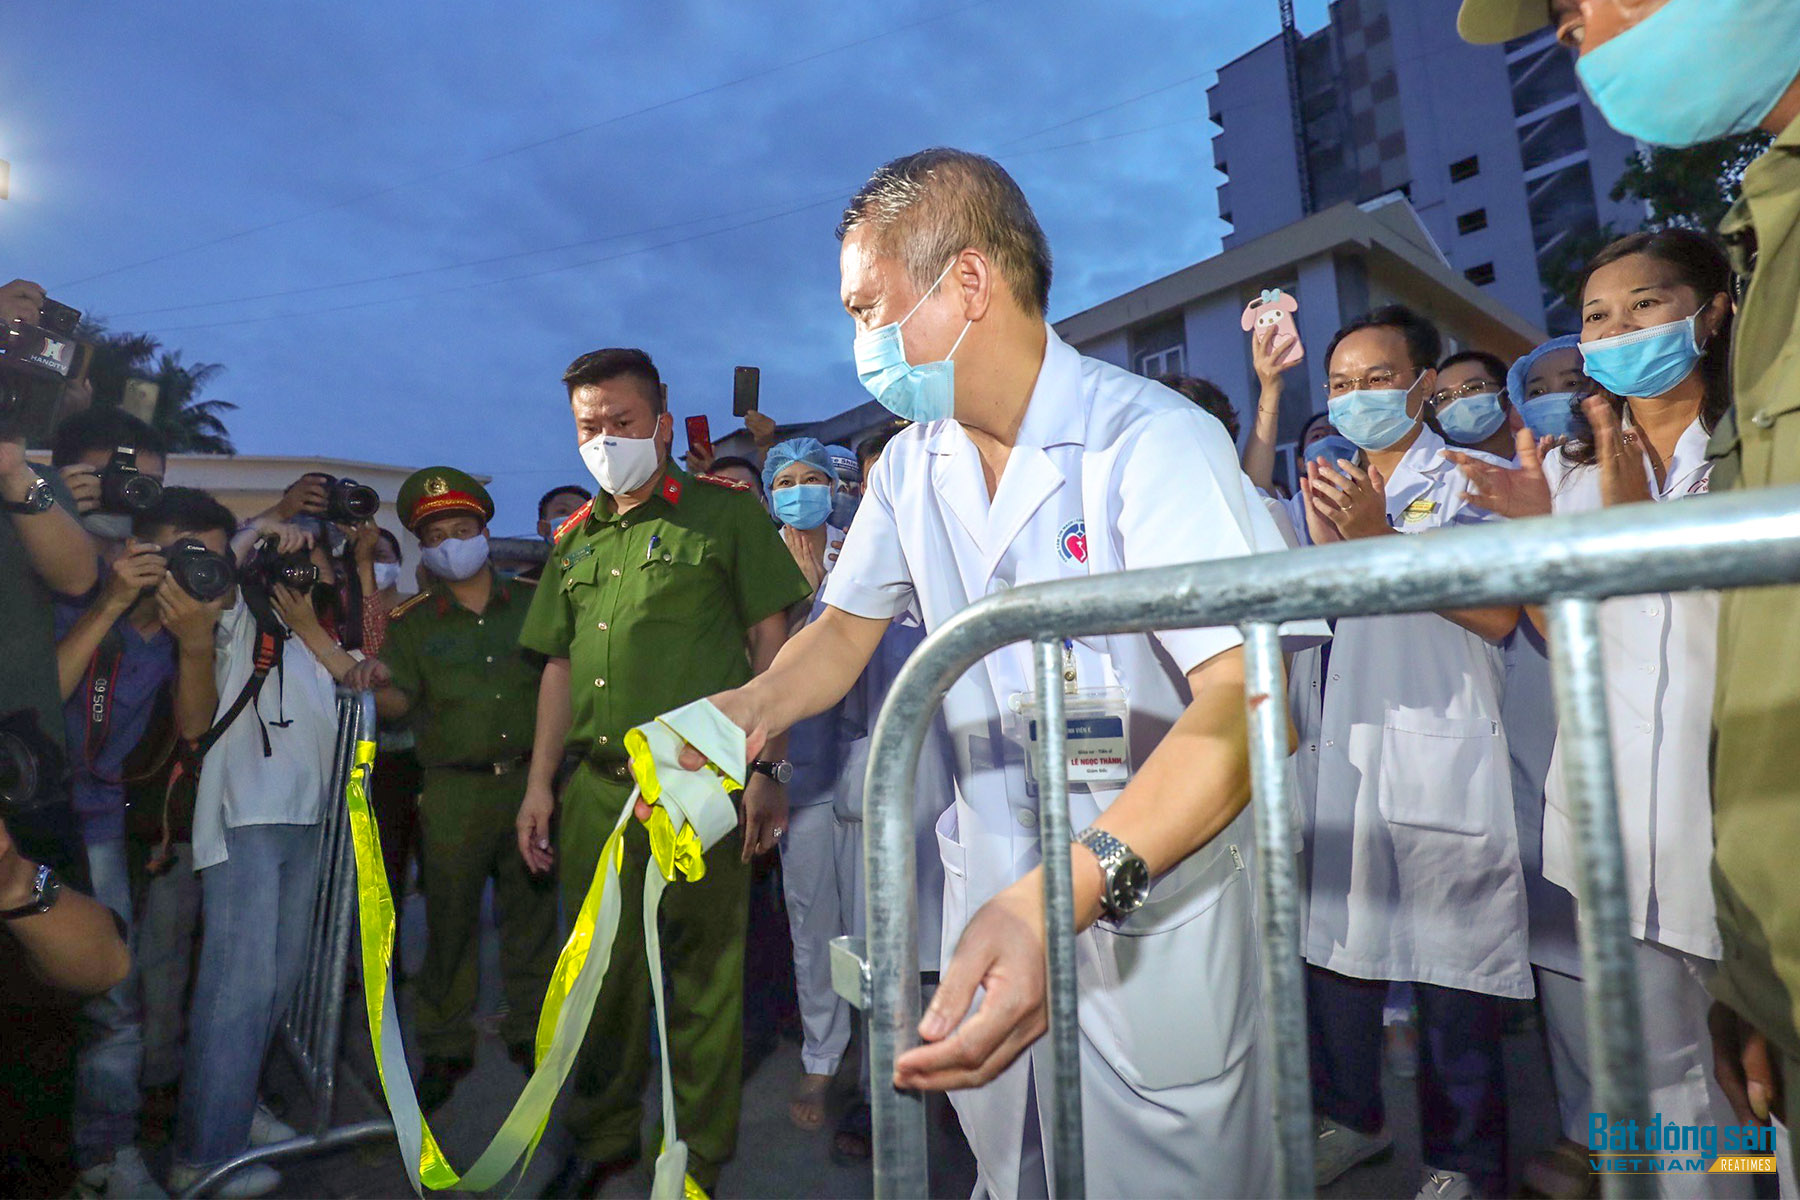 Bệnh viện E dỡ phong tỏa trở lại hoạt động bình thường